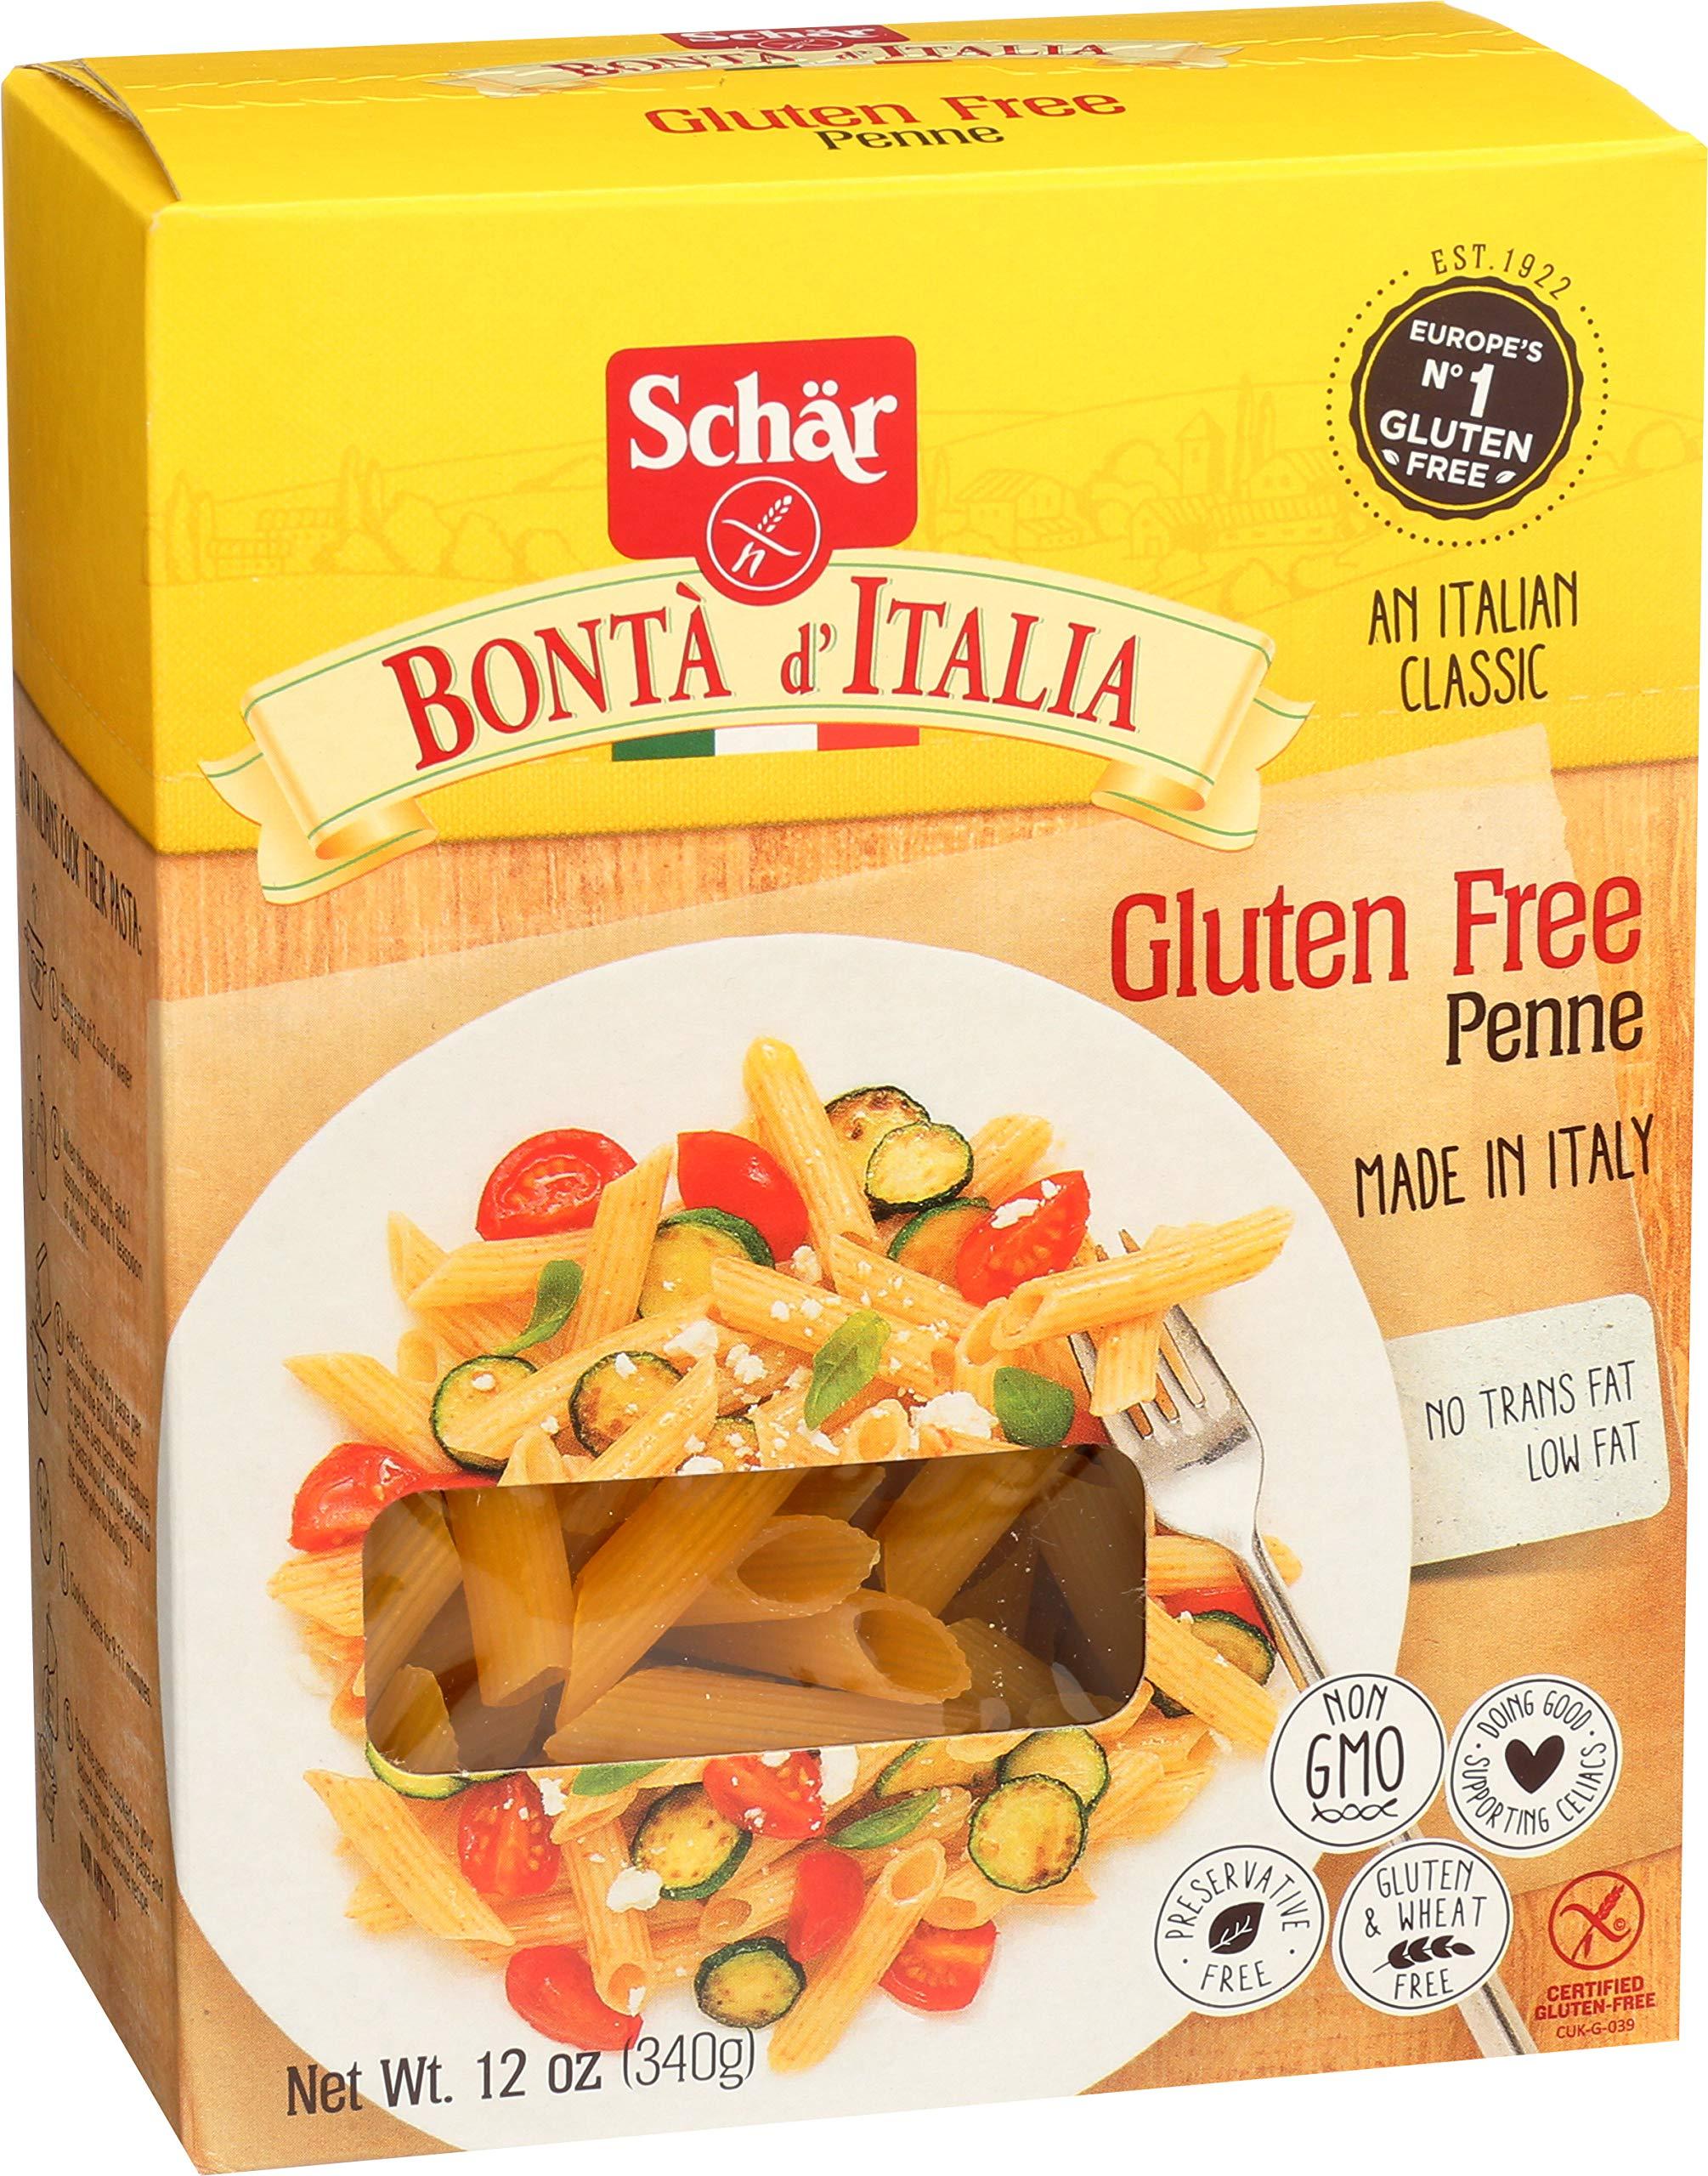 Schär gluten free penne 12 oz box 5 pack